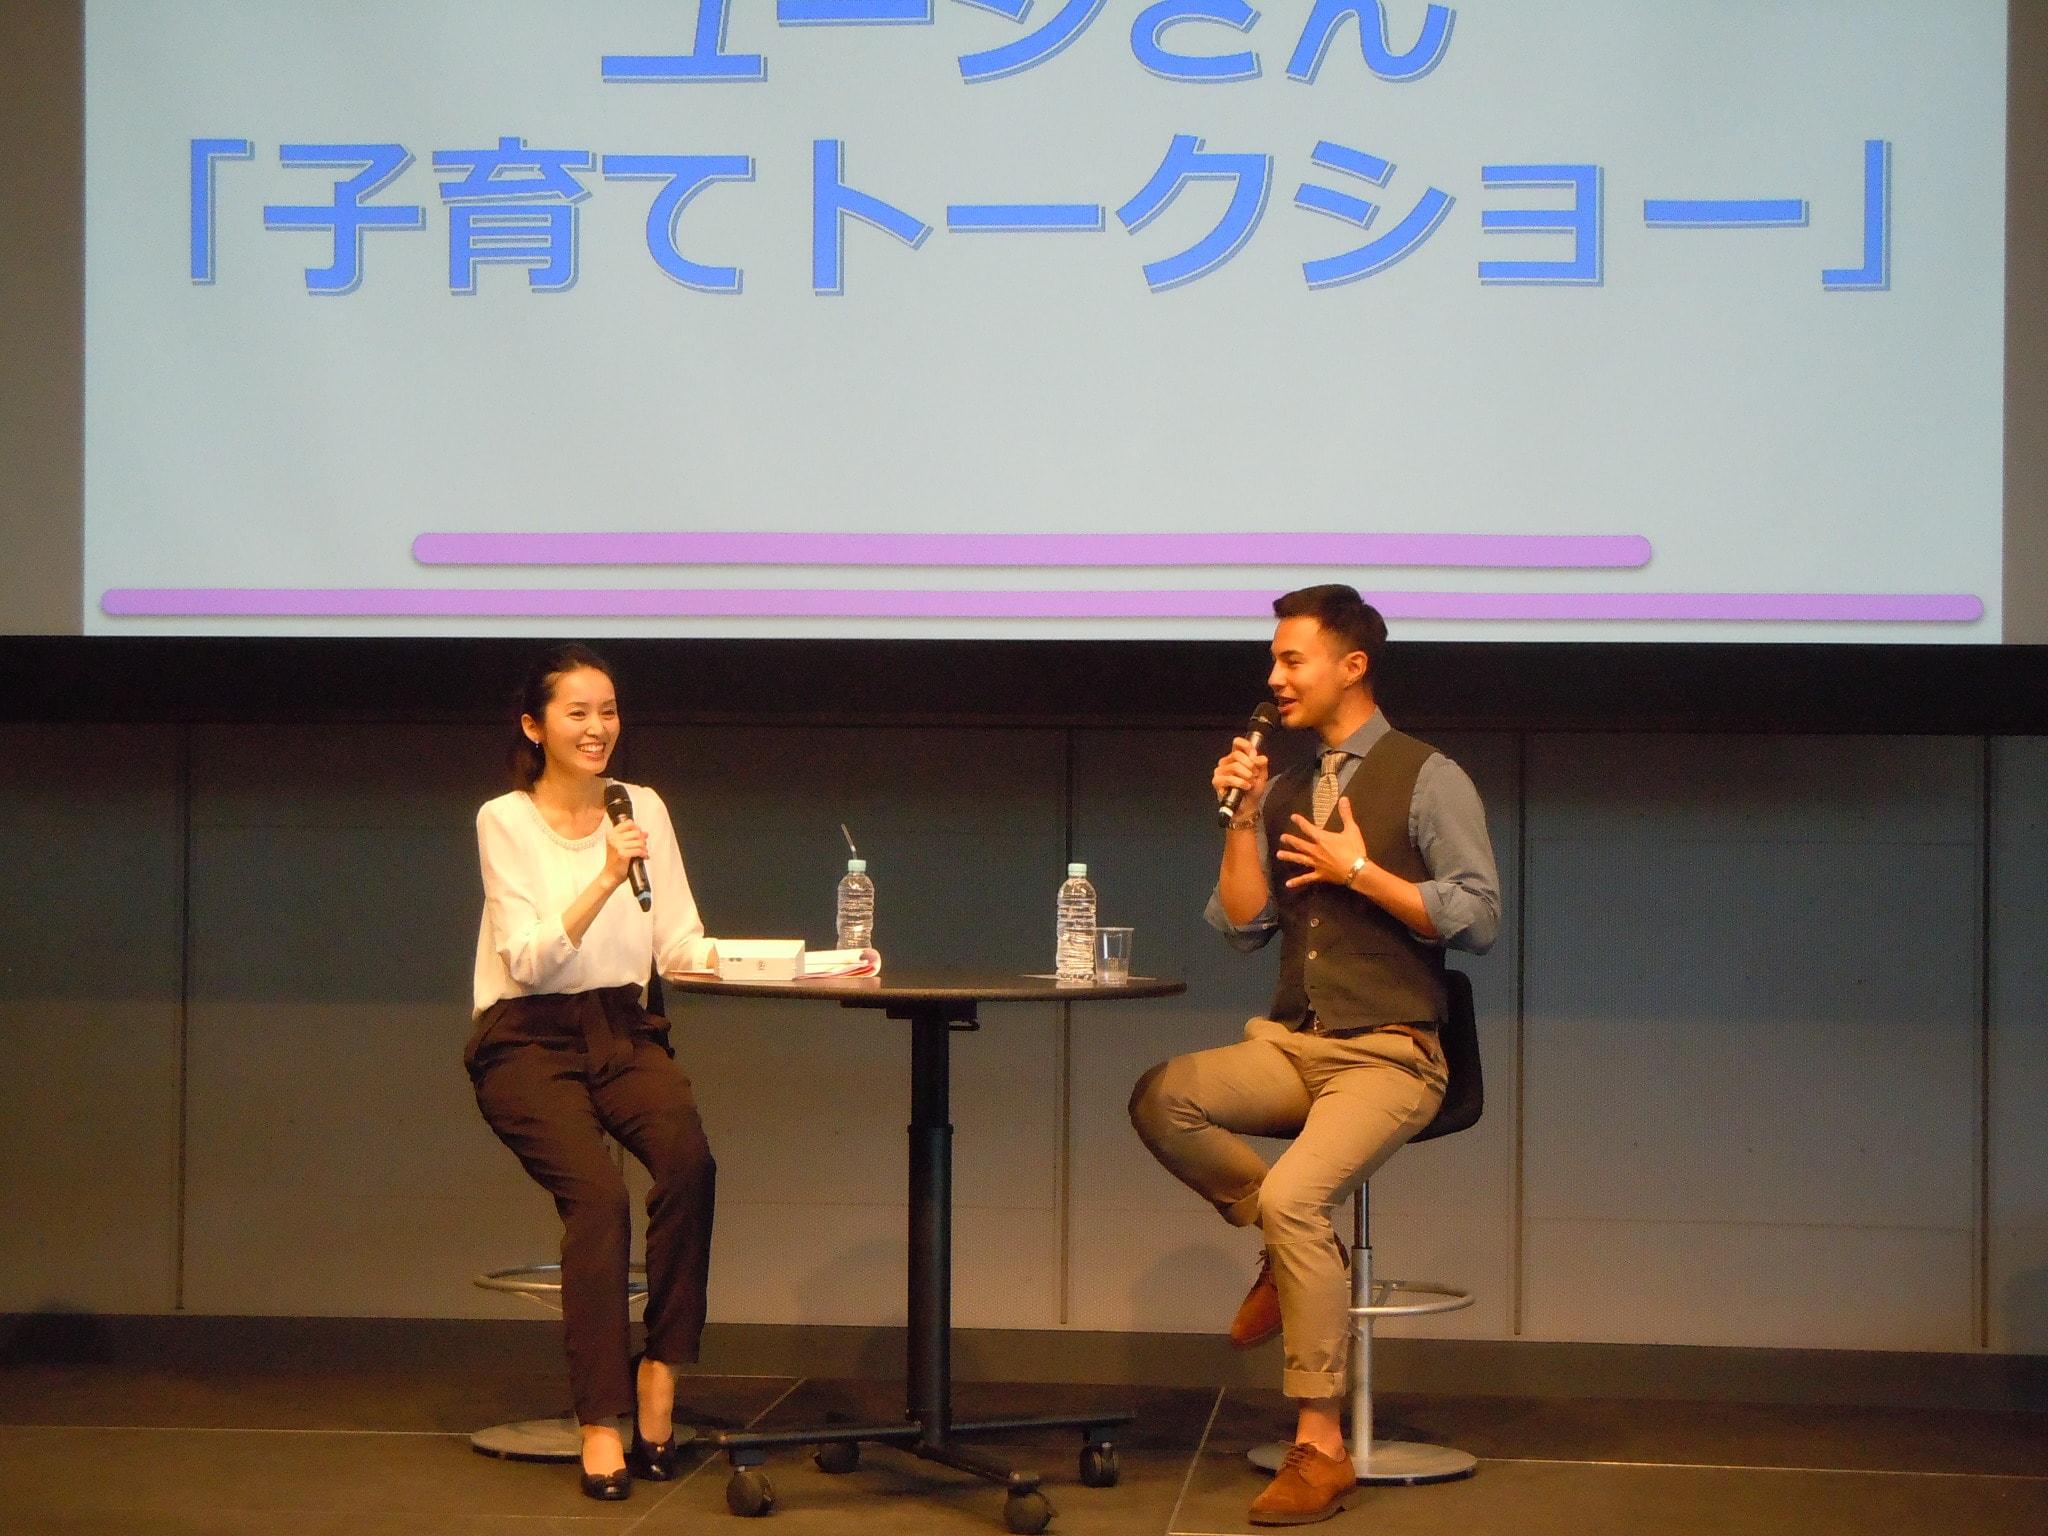 東京都 子育て応援Tokyoプロジェクト トークショー 司会 わらいふラボ 北方真起